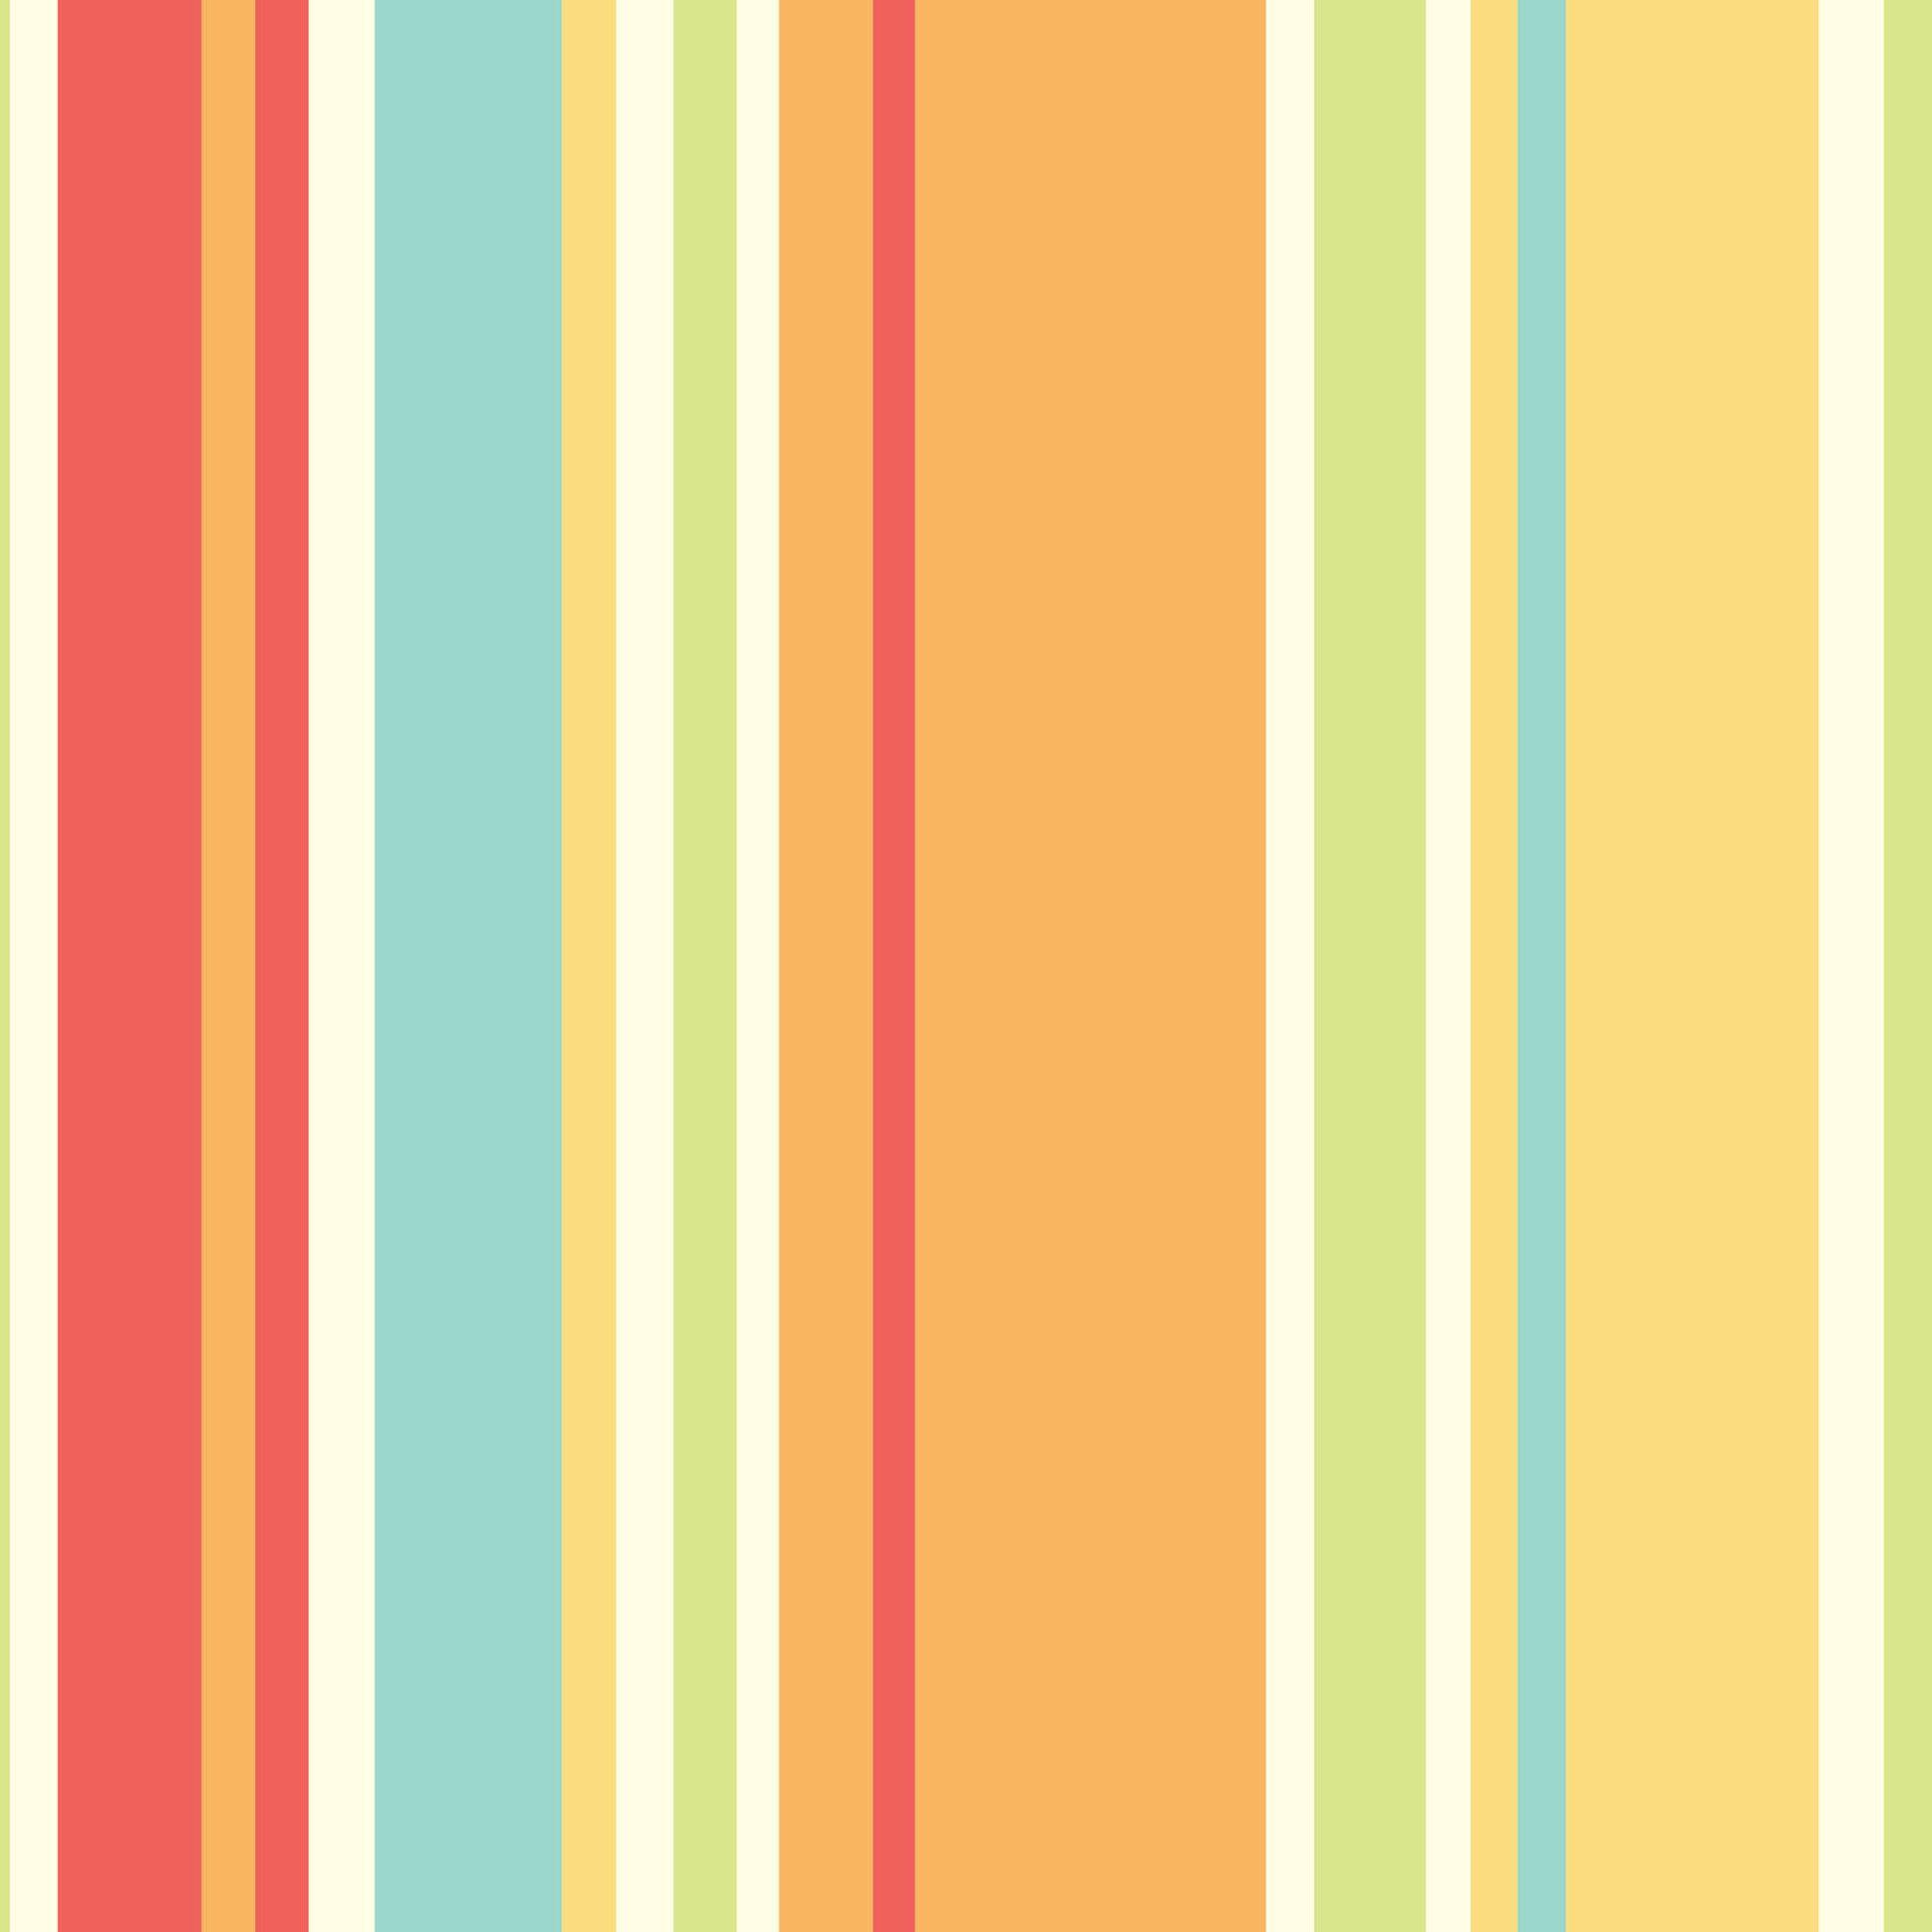 Fun4Walls Striped Wallpaper